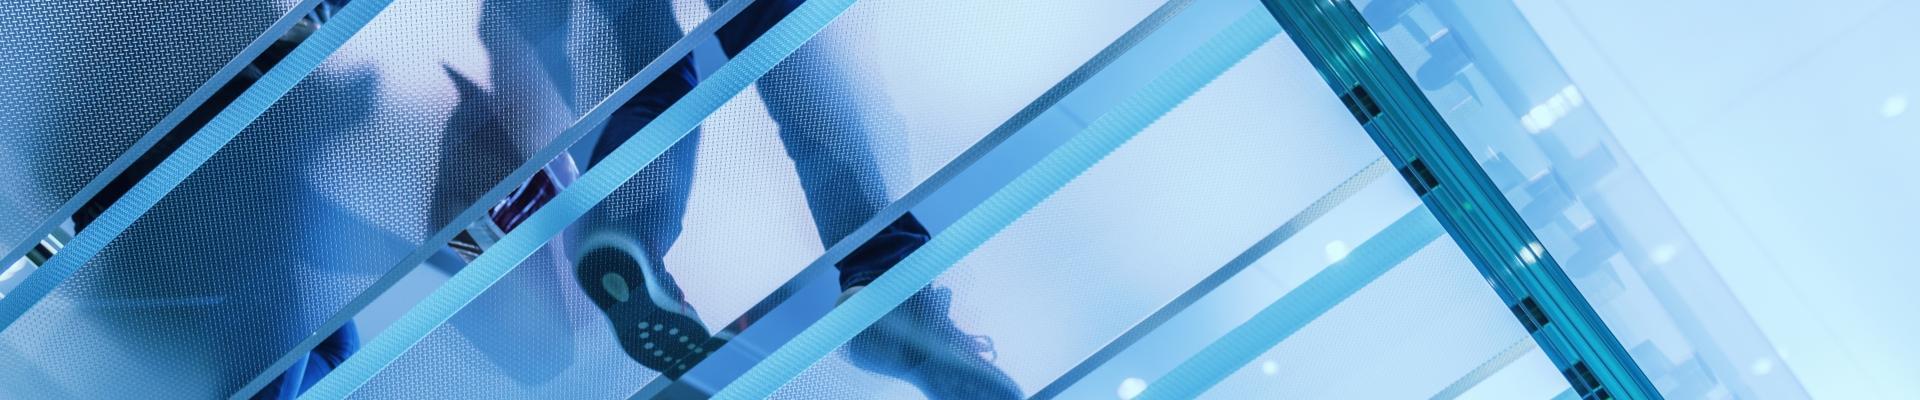 Szklane podłogi i schody